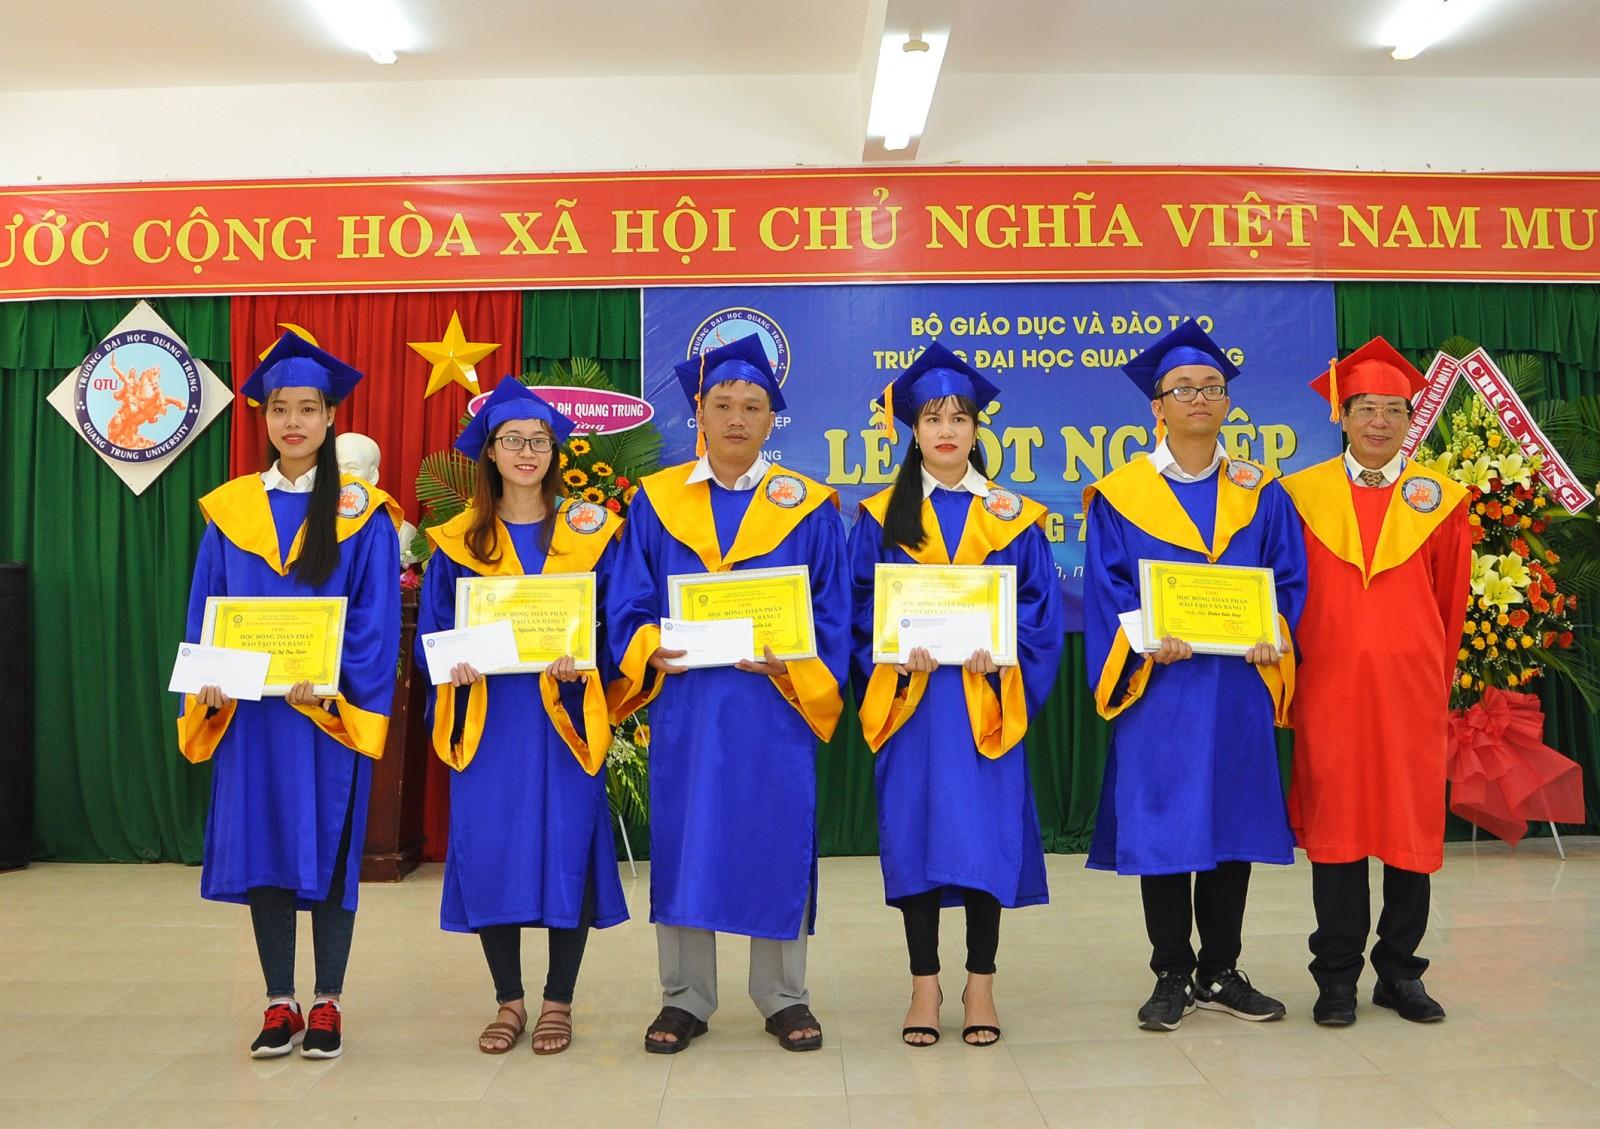 Thông báo về Lễ trao bằng tốt nghiệp cho sinh viên tốt nghiệp đợt tháng 8/2020